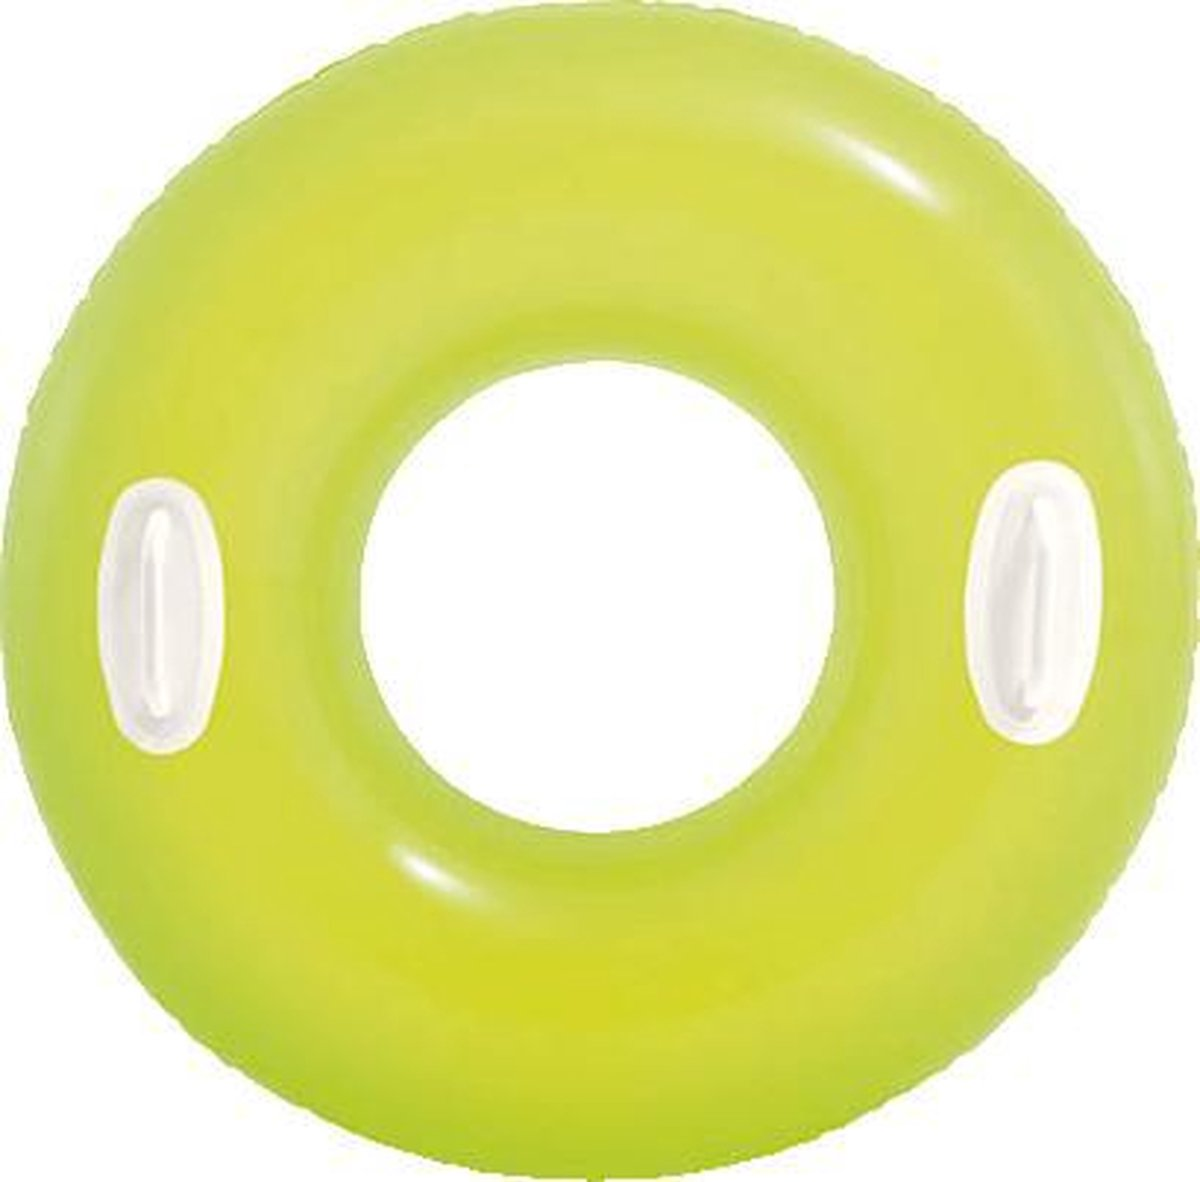 Opblaas zwemband Basic 76 cm